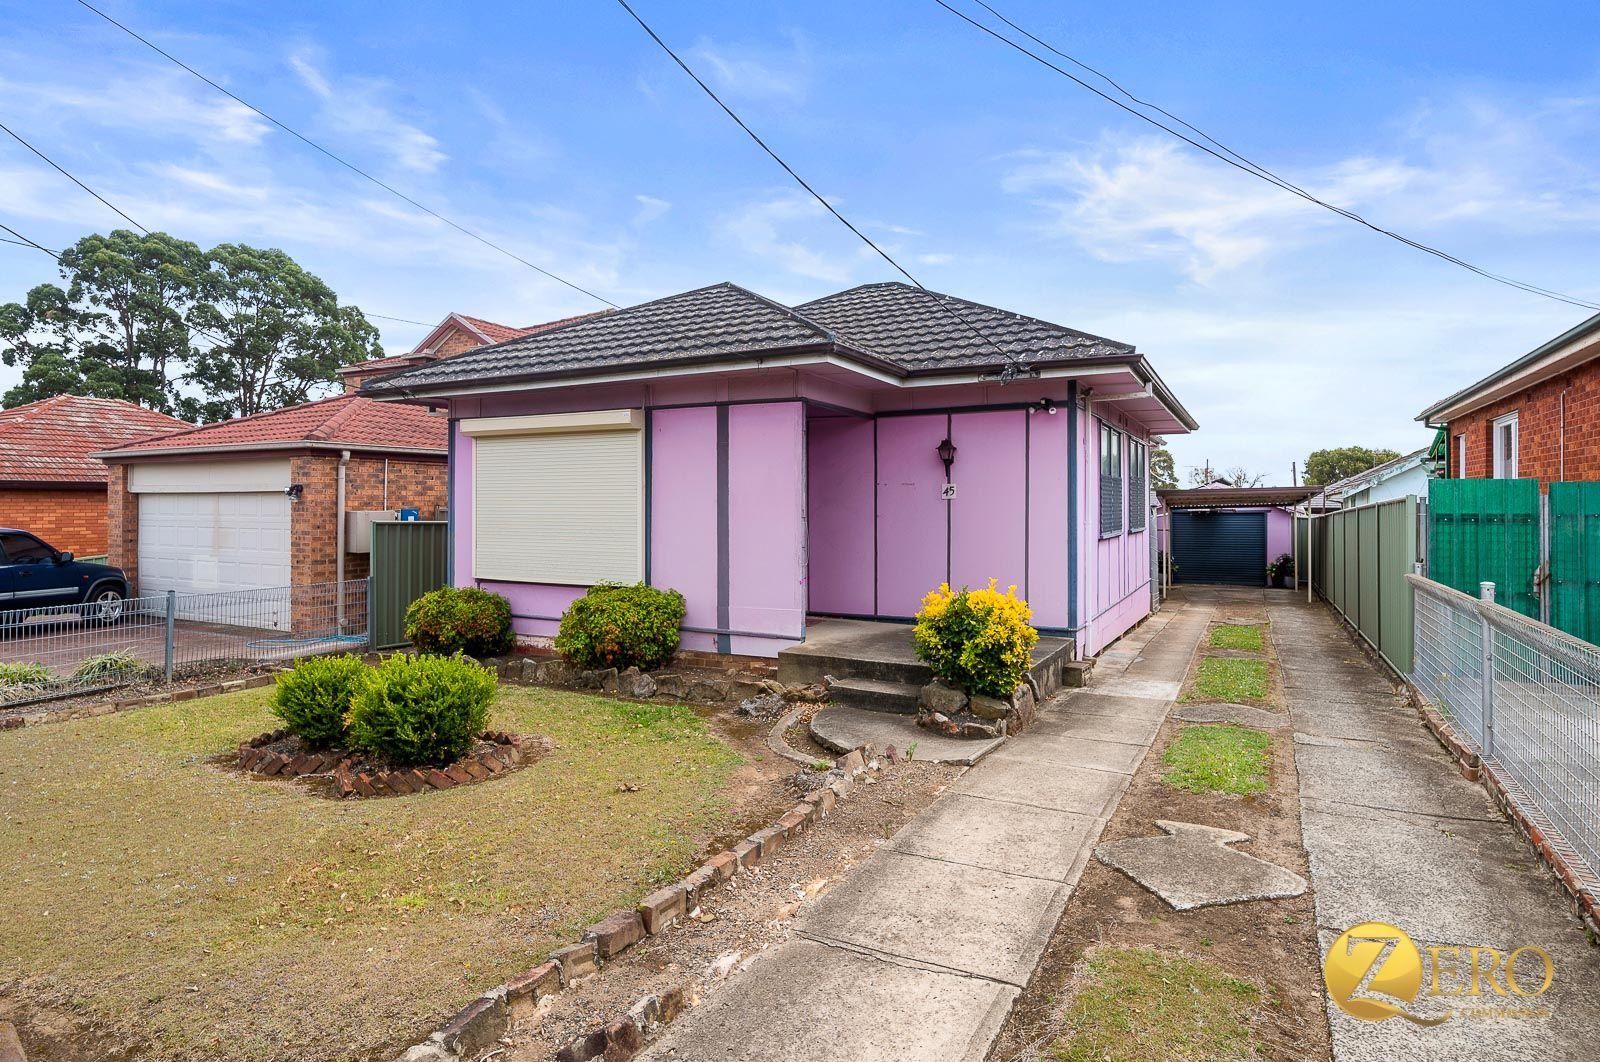 45 Koonoona Ave, Villawood NSW 2163, Image 0